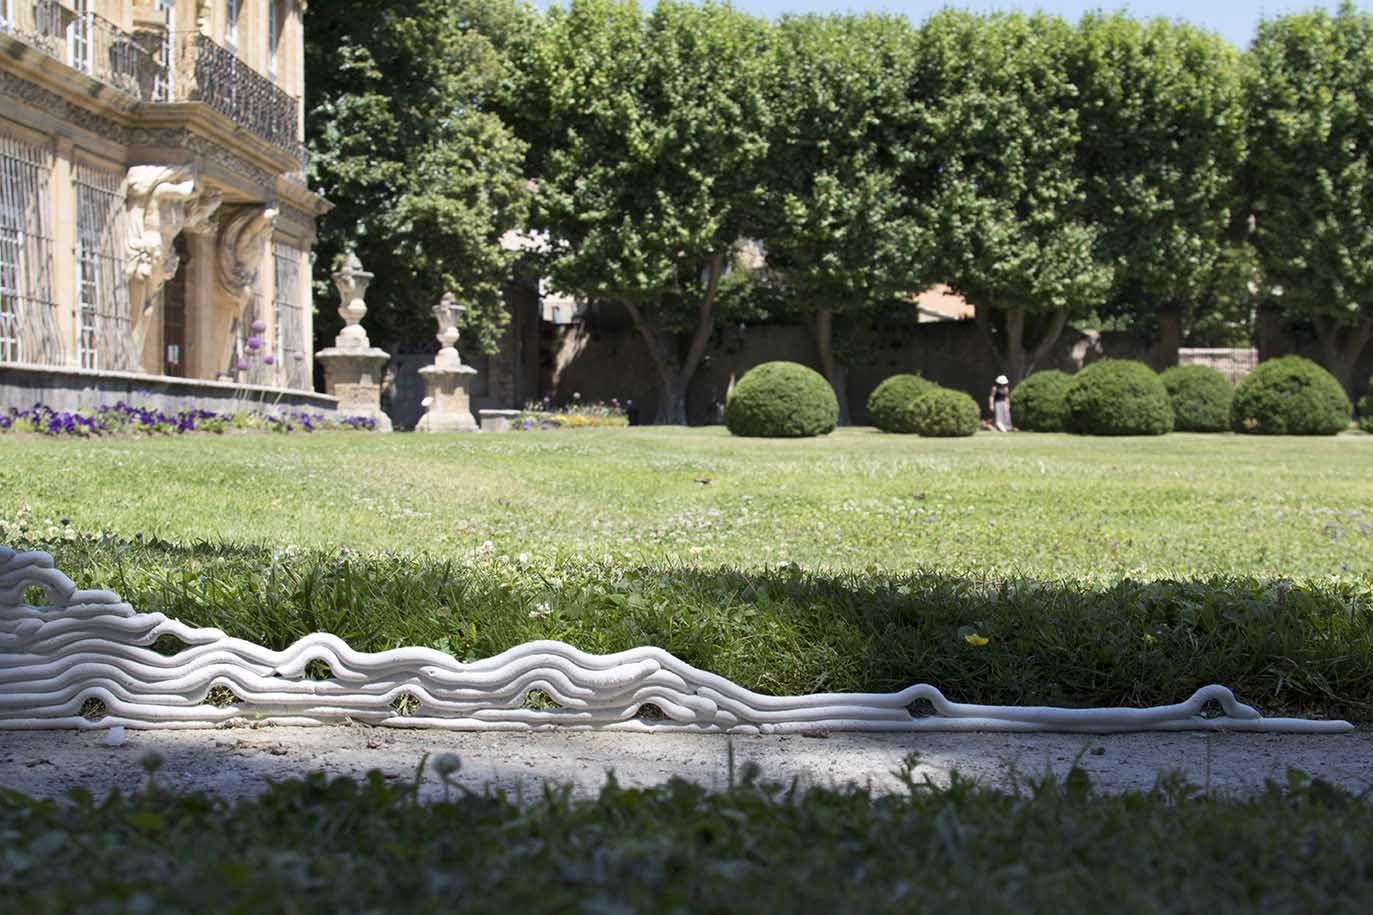 22-gourmandise-hugo-bel-artiste-sculpteur